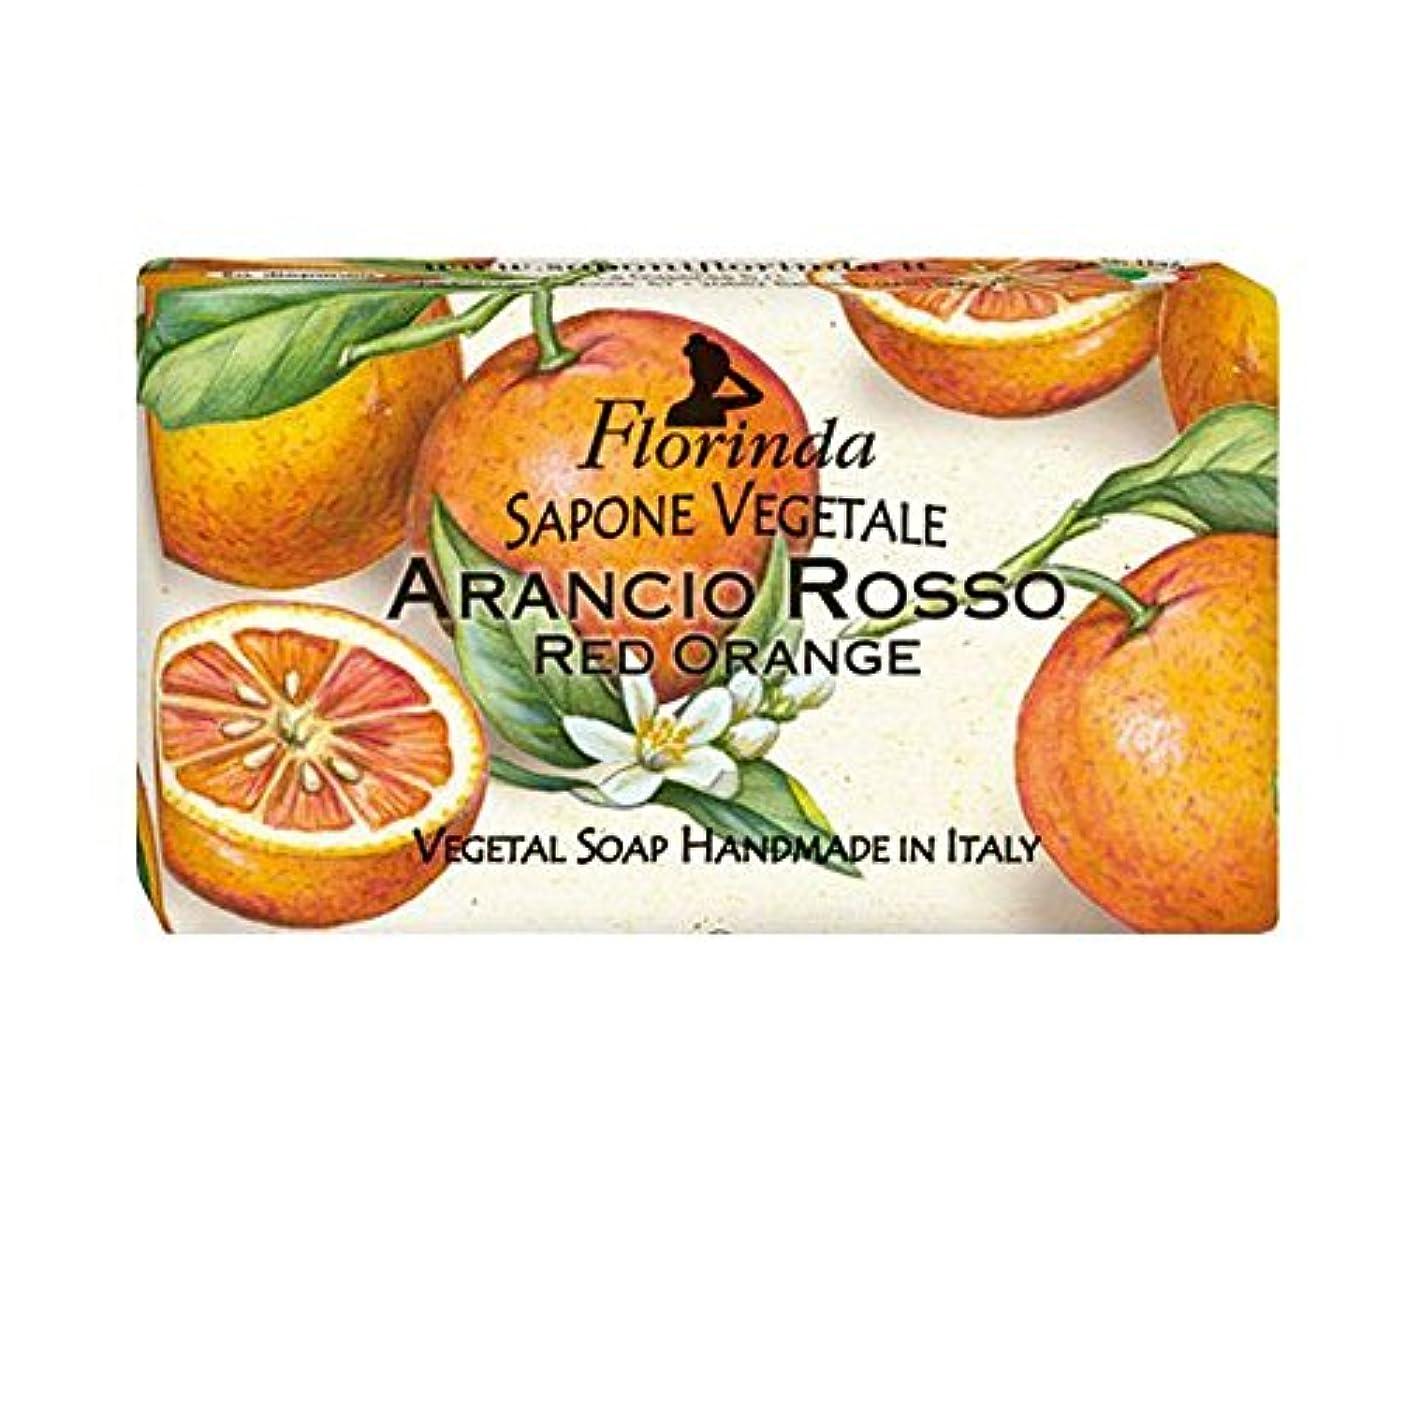 バルブぶら下がるタービンFlorinda フロリンダ フレグランスソープ フルーツ レッドオレンジ 100g [並行輸入品]